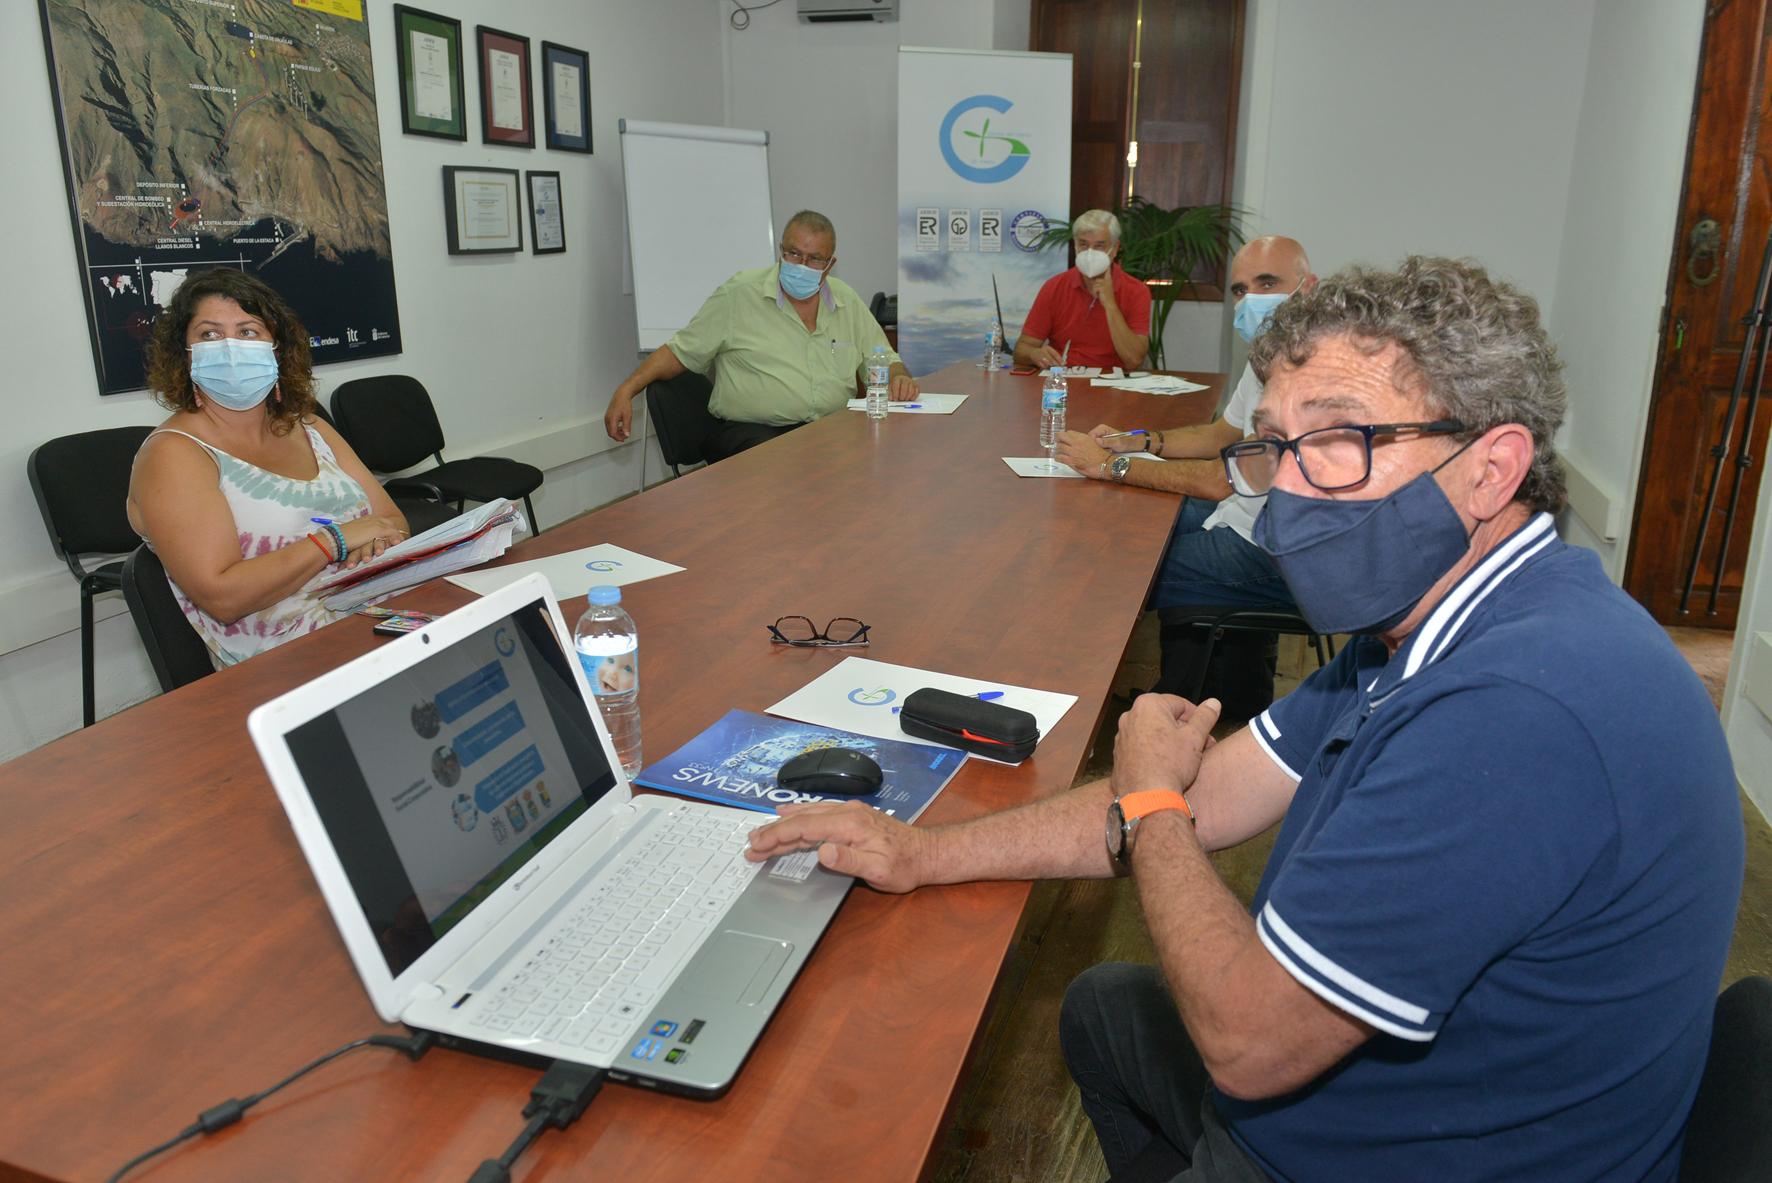 Gorona del Viento evaluará la eficiencia energética de las administraciones locales